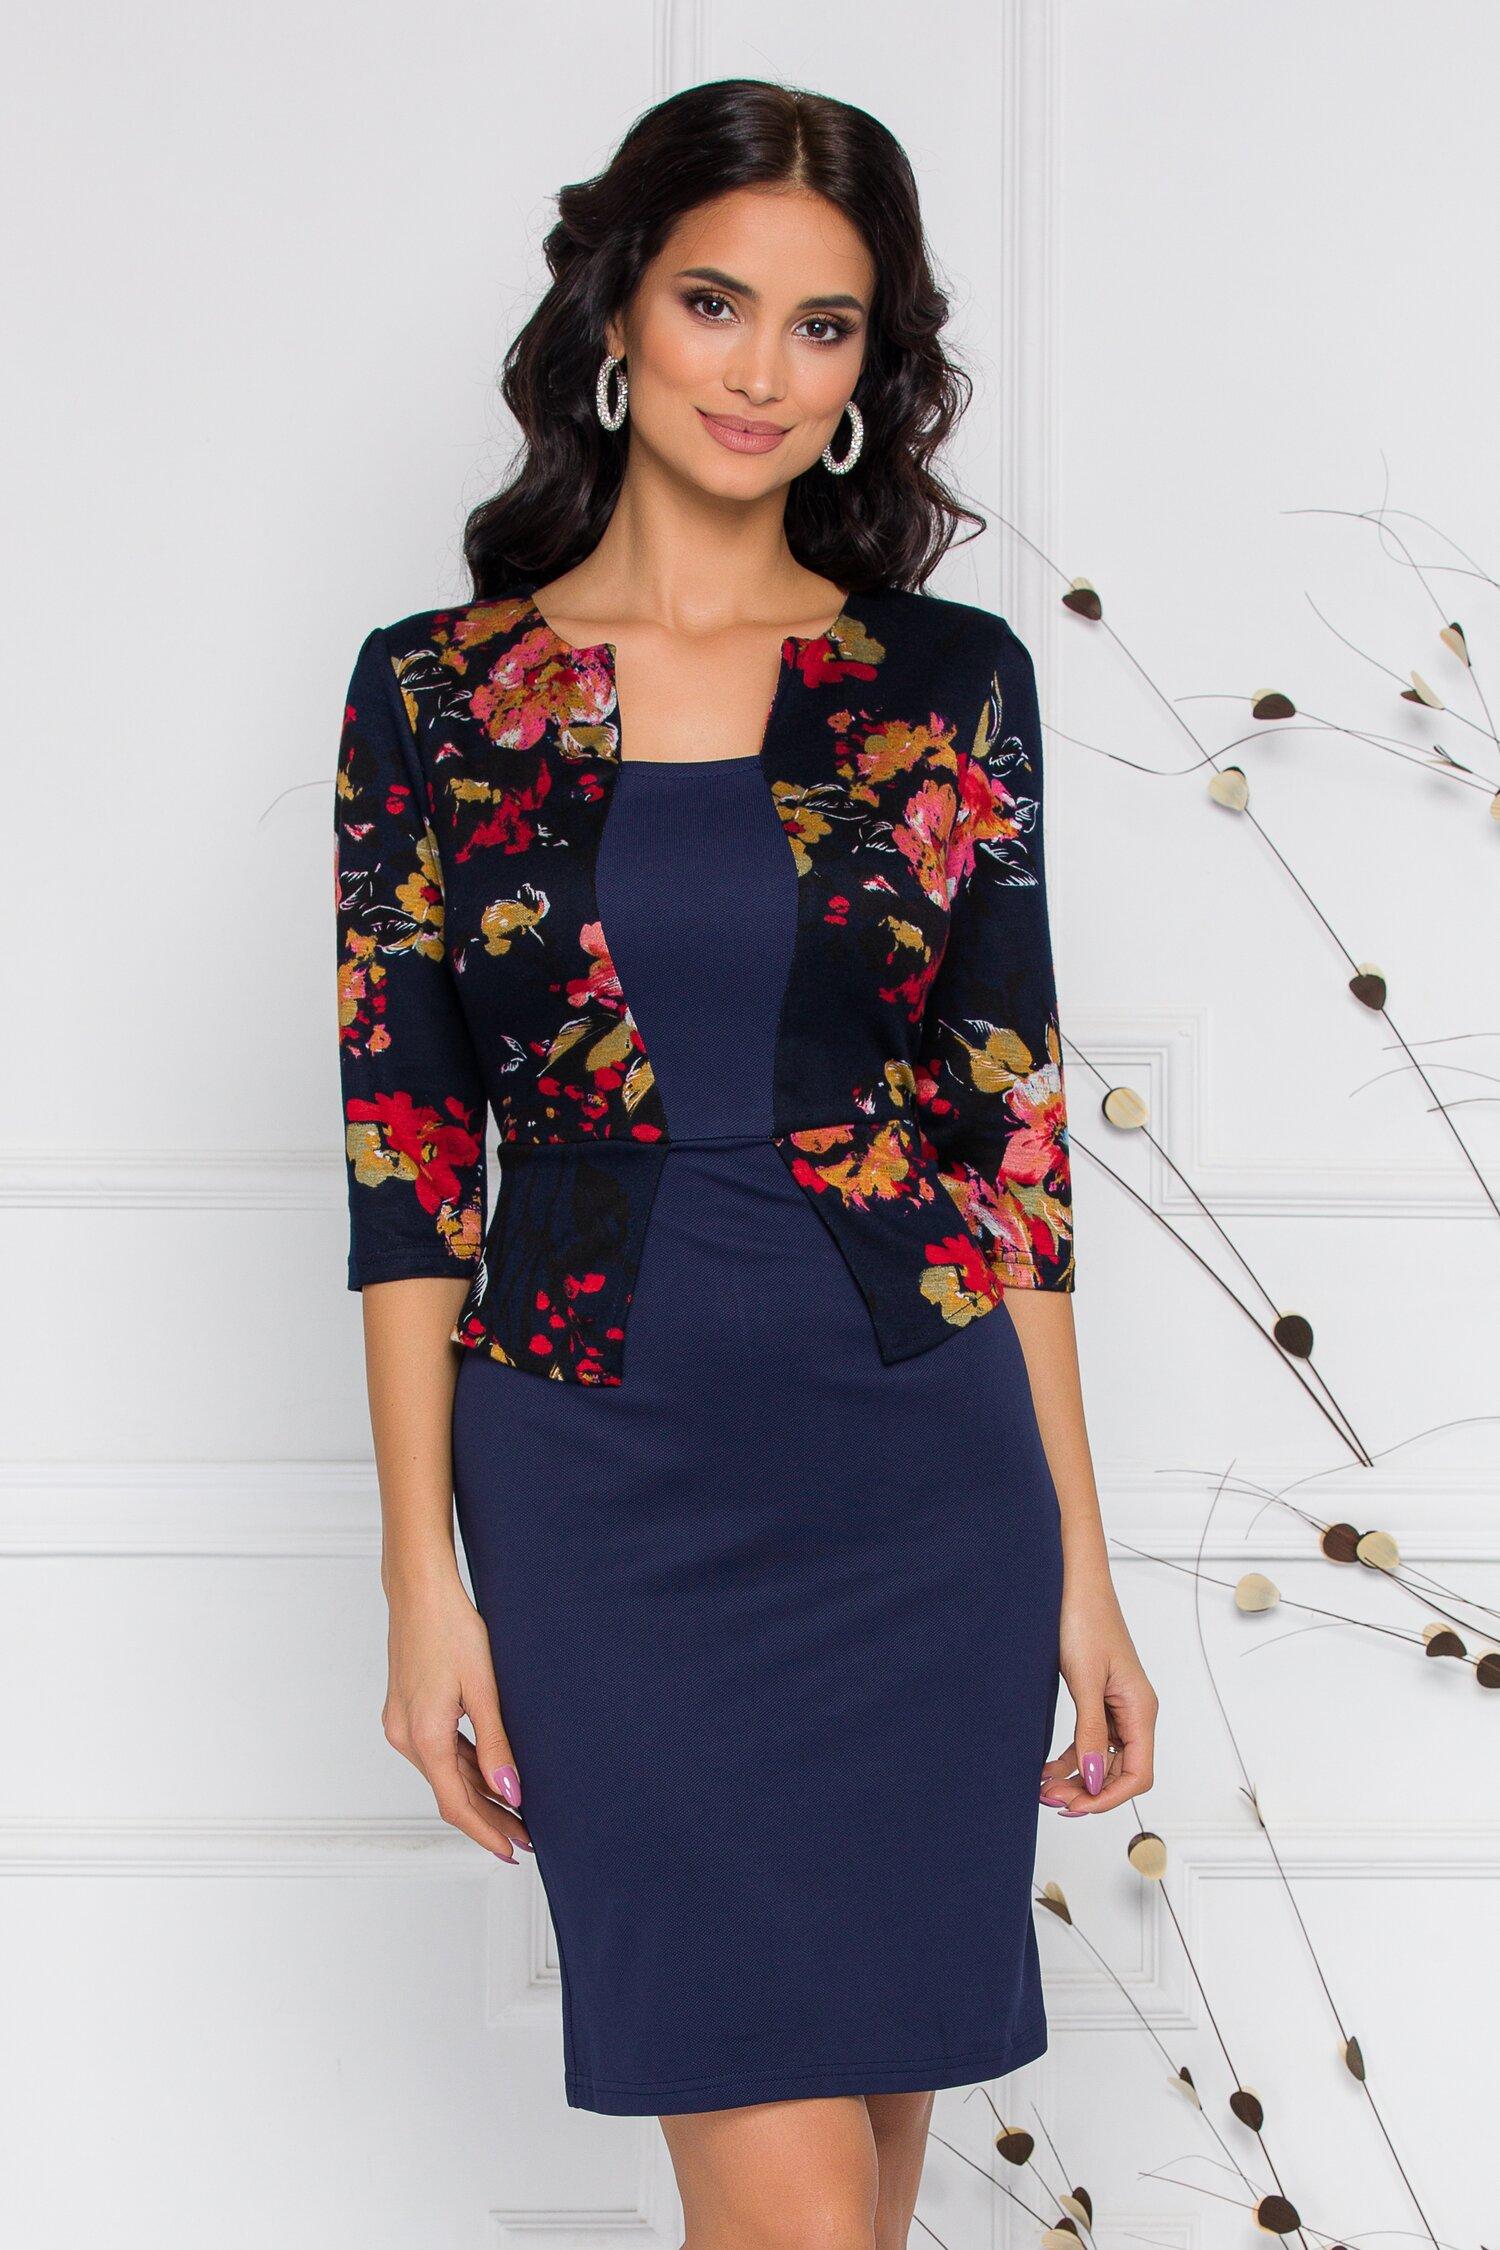 Rochie Sheyla bleumarin cu imprimeu floral bordo-maro si peplum in talie